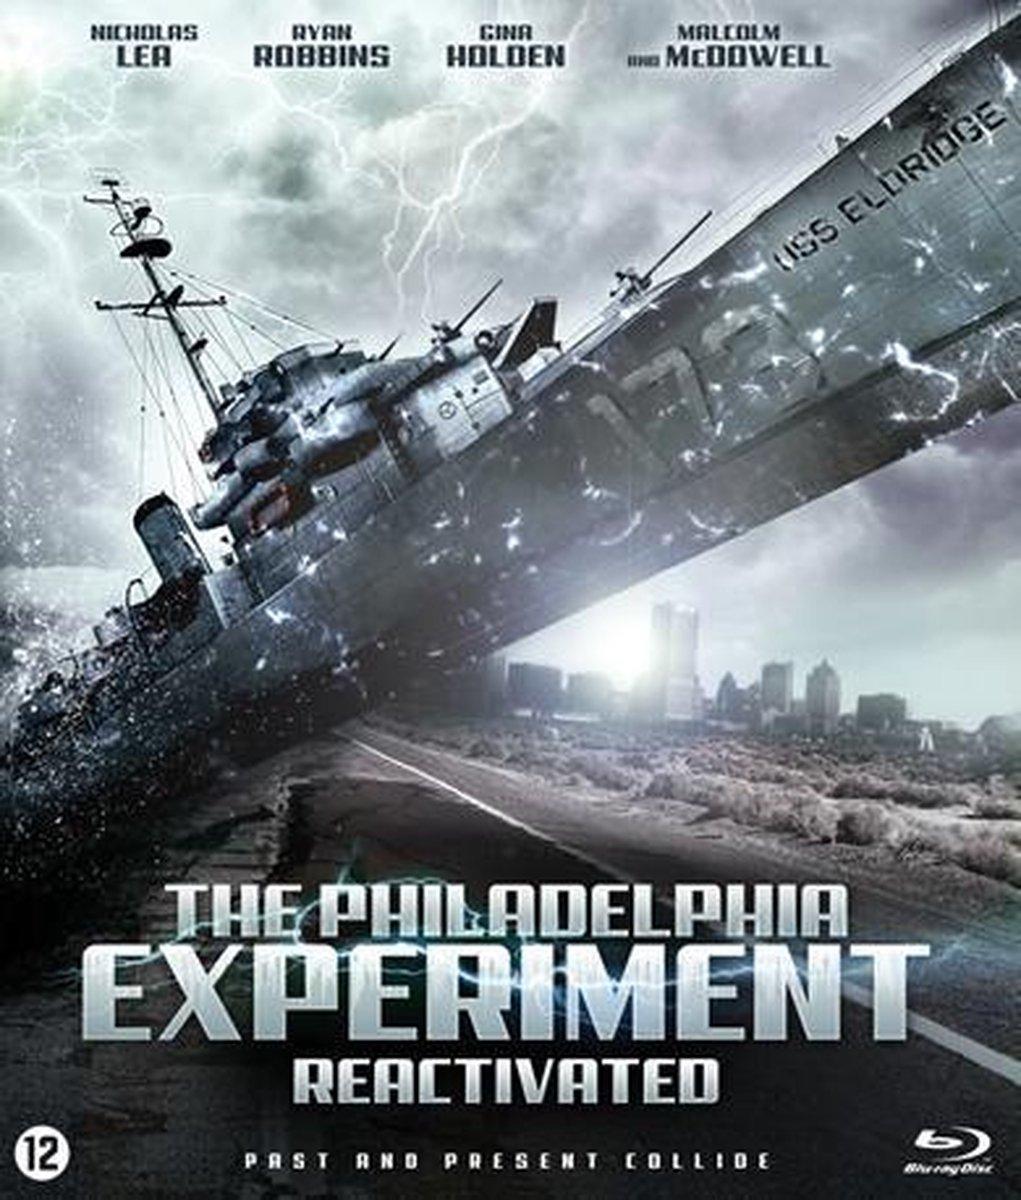 The Philadelphia Experiment - Movie